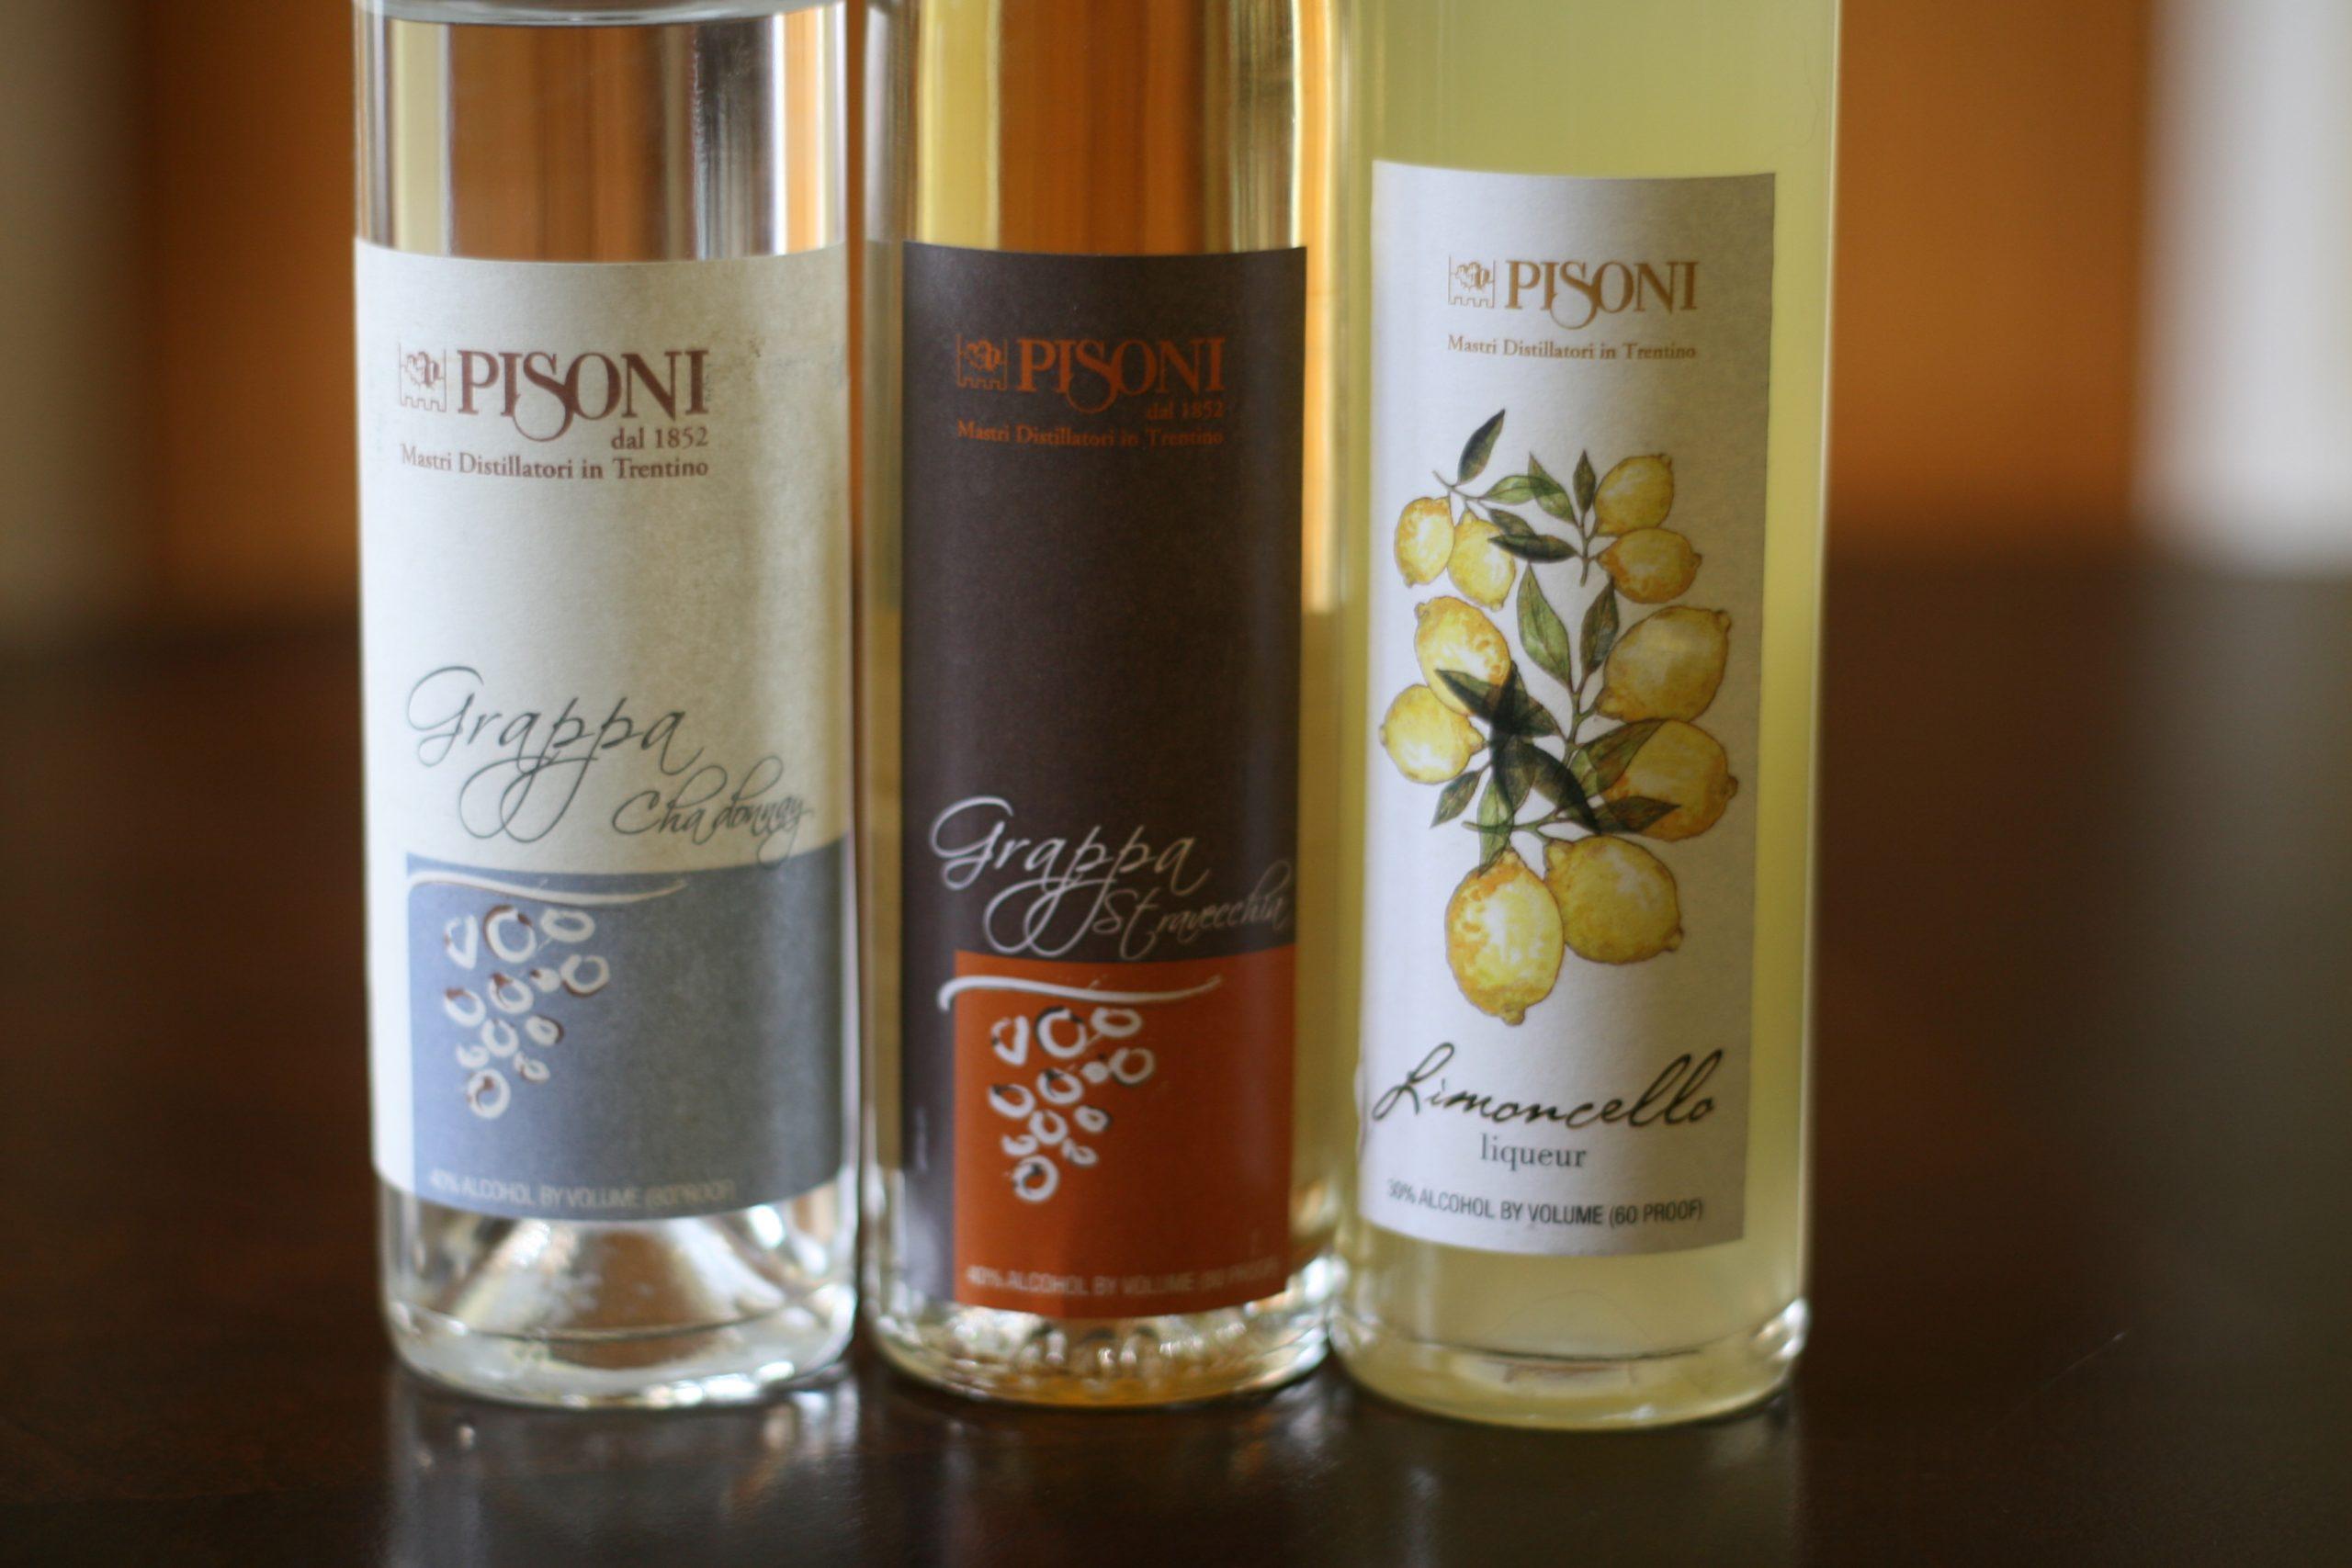 Pisono grappas and limoncello